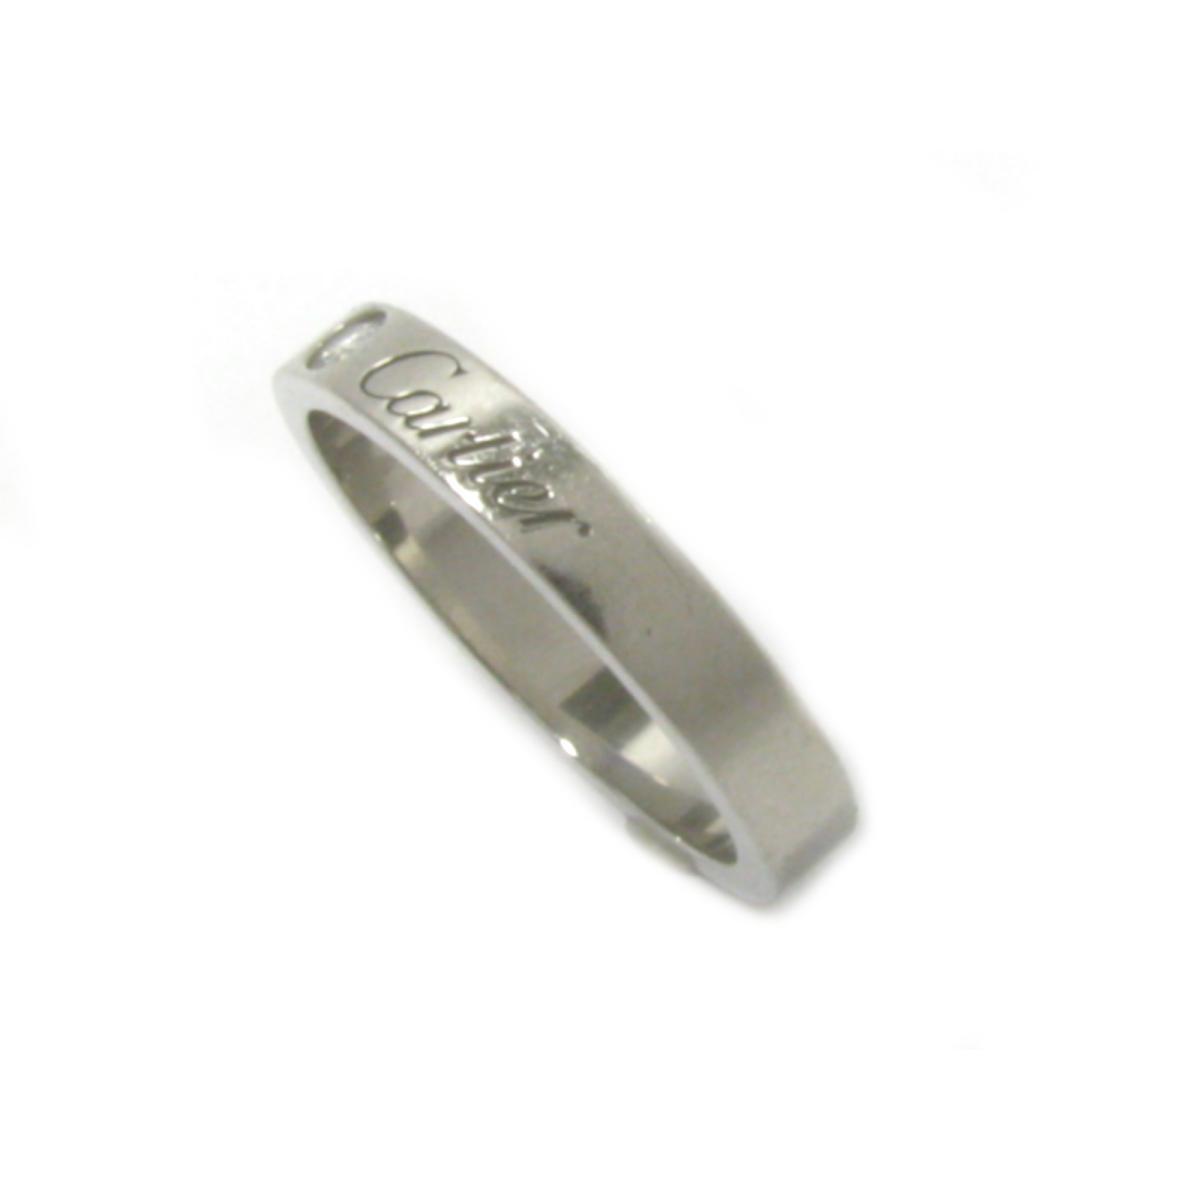 【中古】カルティエ エングレーブドダイヤリング 指輪 11号 刻印#51 ブランドジュエリー レディース PT950 プラチナ シルバー